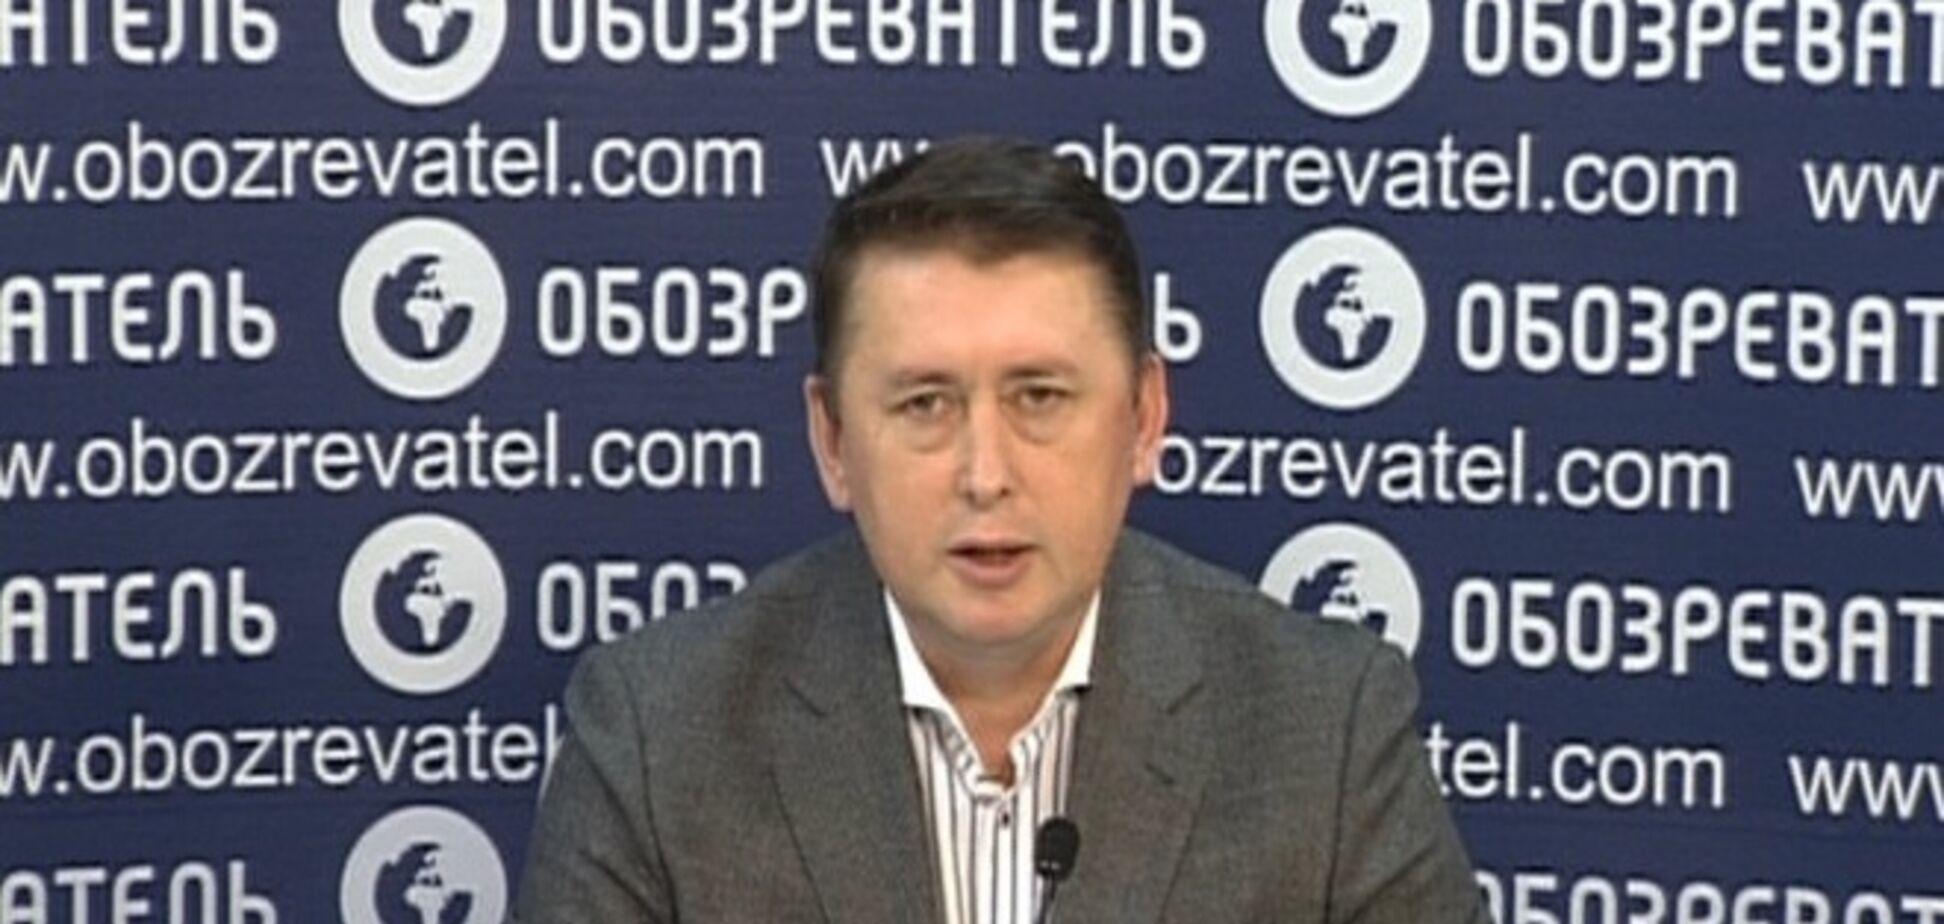 Суд над Кучмой должен стать неотъемлемой частью коалиционных обязательств - Мельниченко